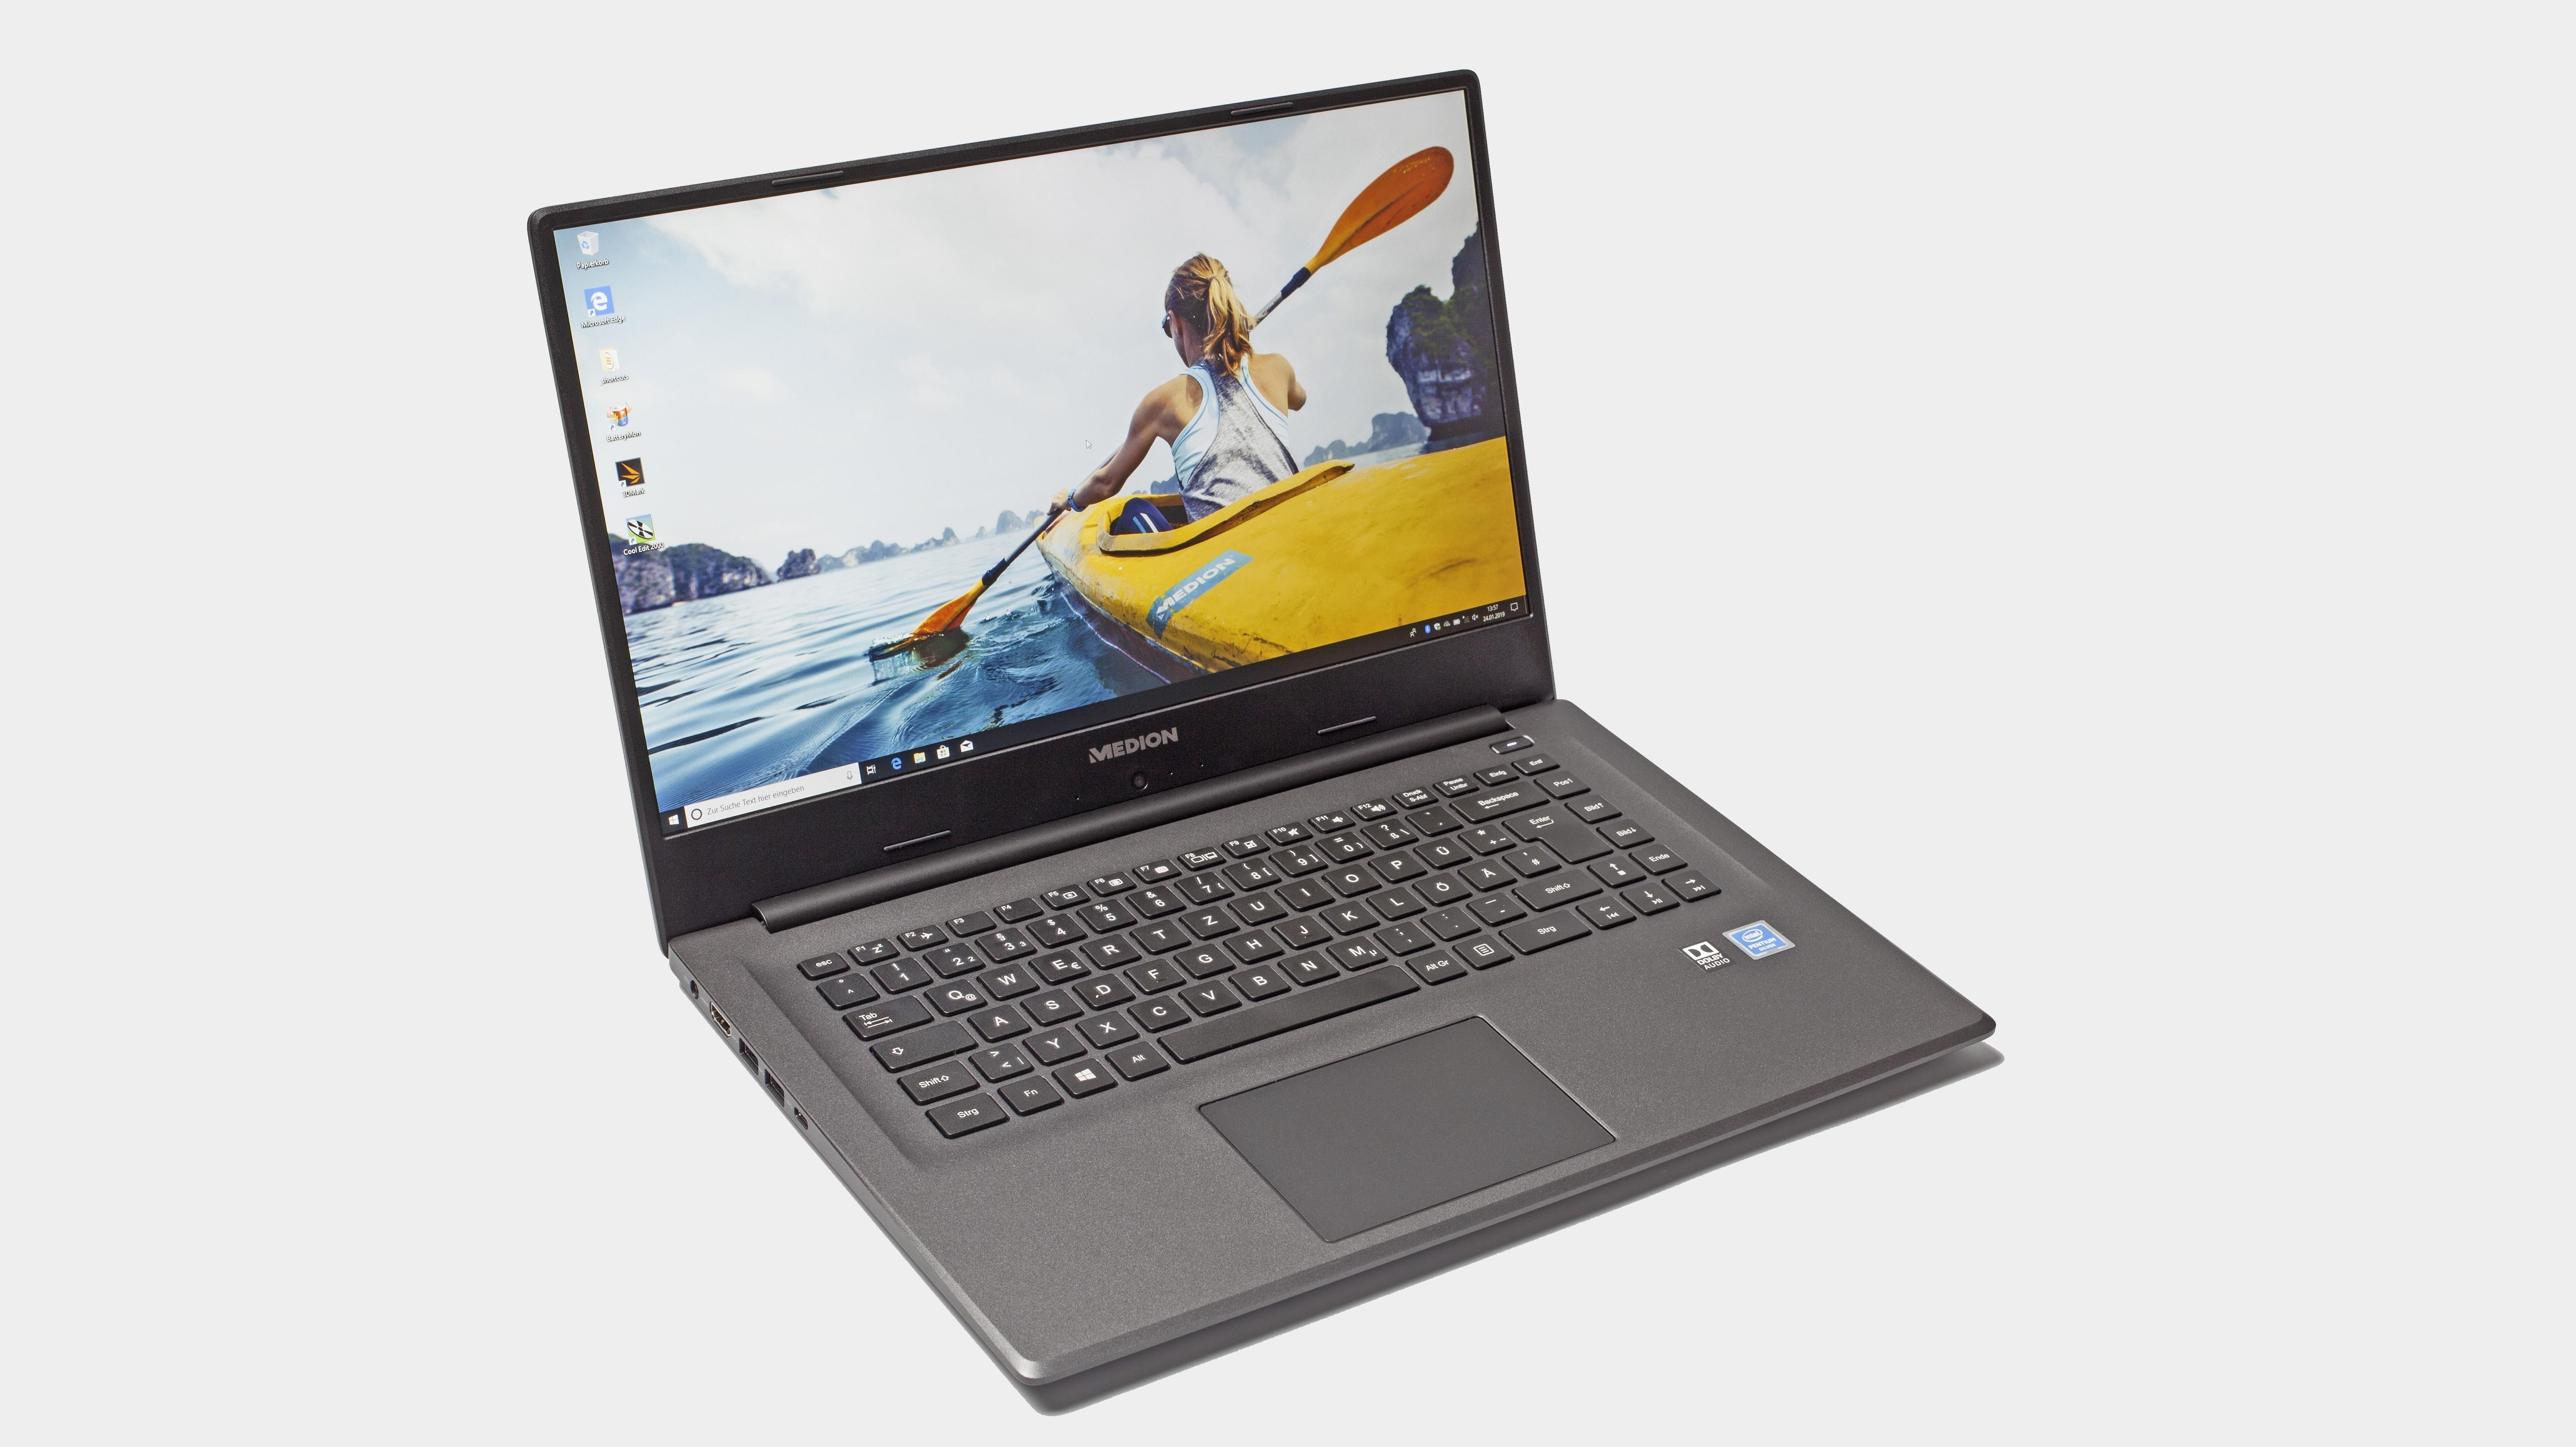 Aldi Notebook Im Test Medion Akoya E6246 Mit 256er Ssd Für 400 Euro